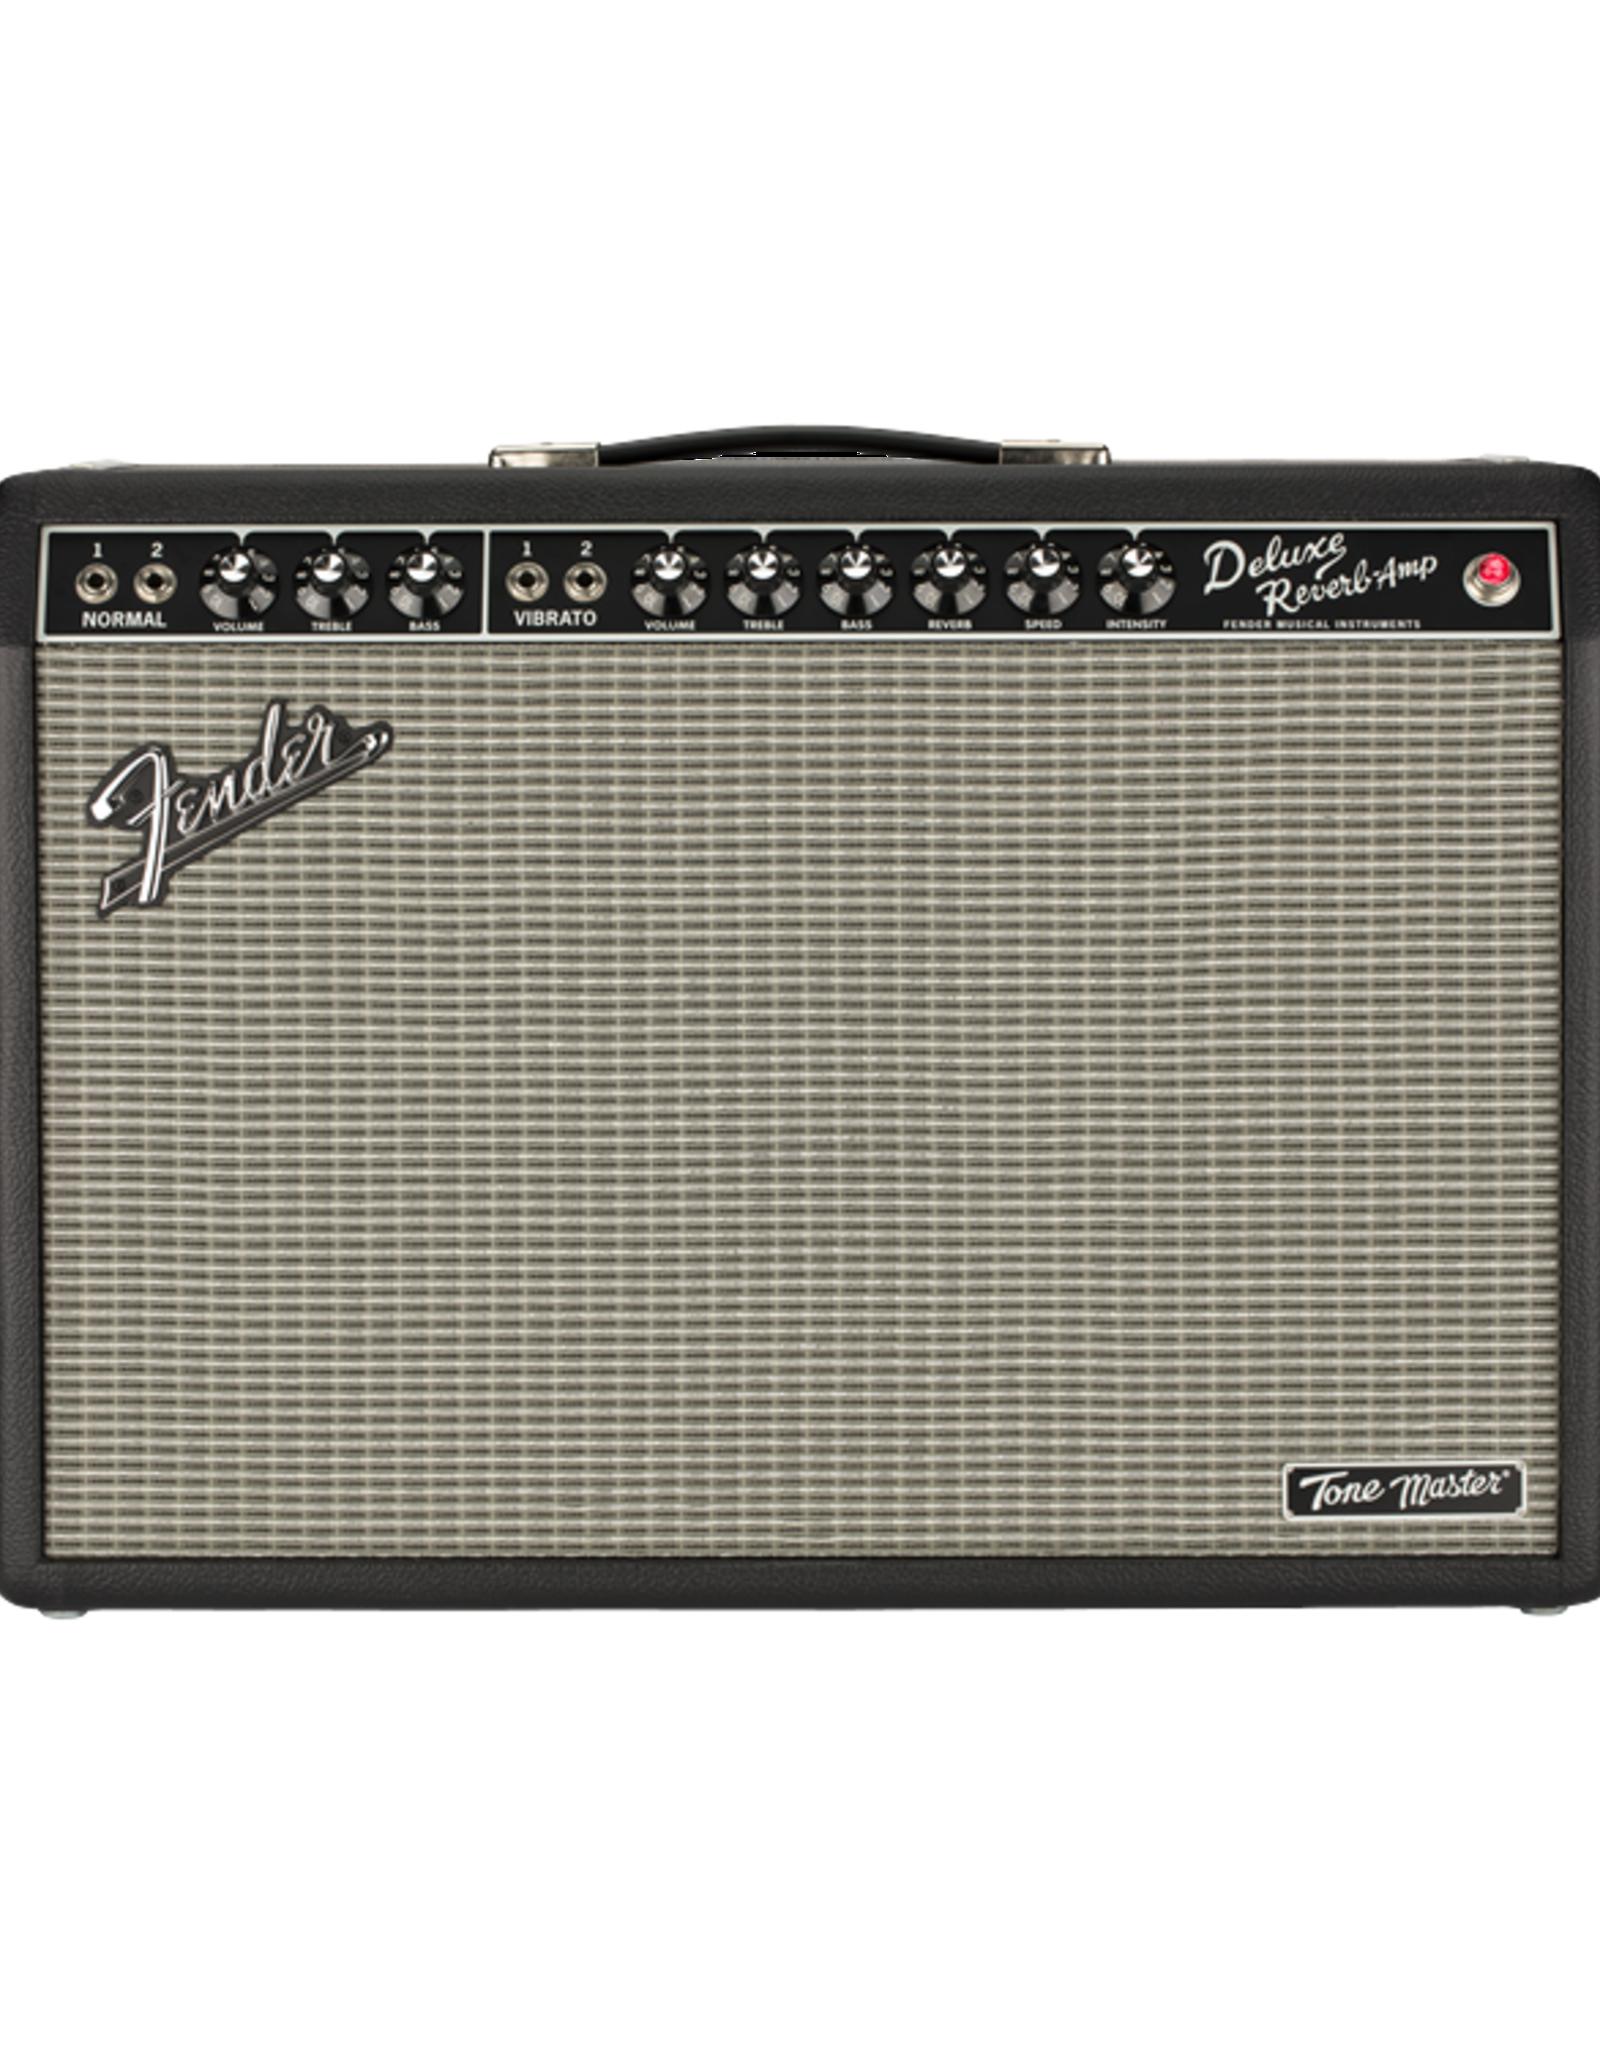 Fender Fender Tone Master Deluxe Reverb Amp, 120V